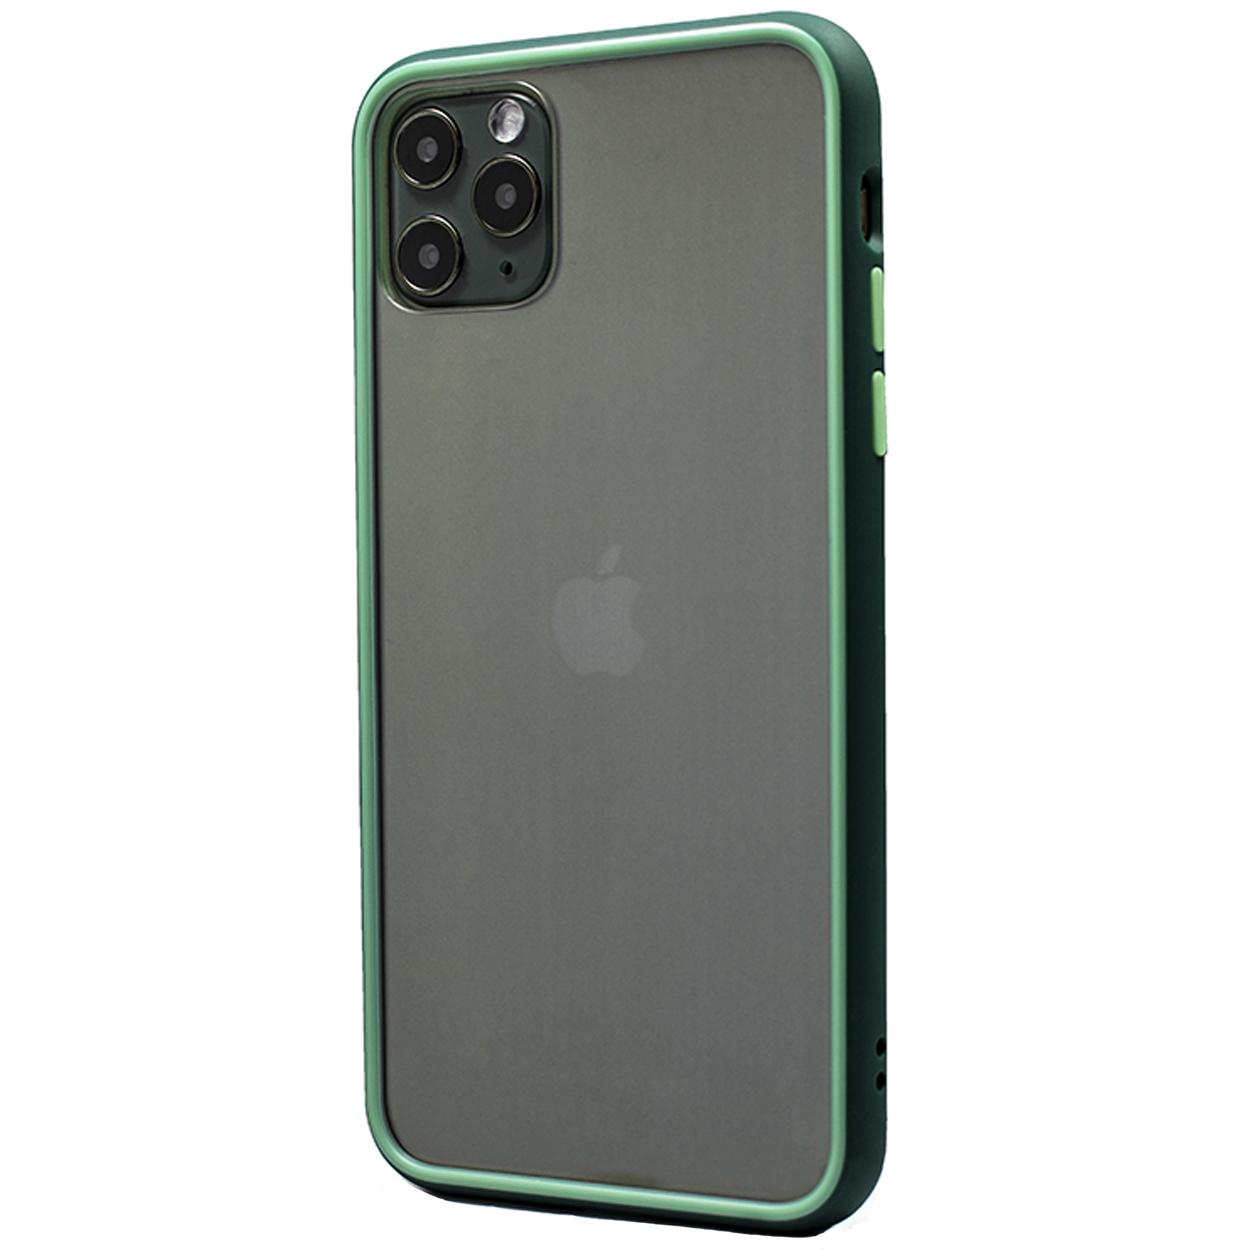 بررسی و {خرید با تخفیف} کاور مجیک مسک مدل Barbados مناسب برای گوشی موبایل اپل IPhone 11 Pro Max اصل